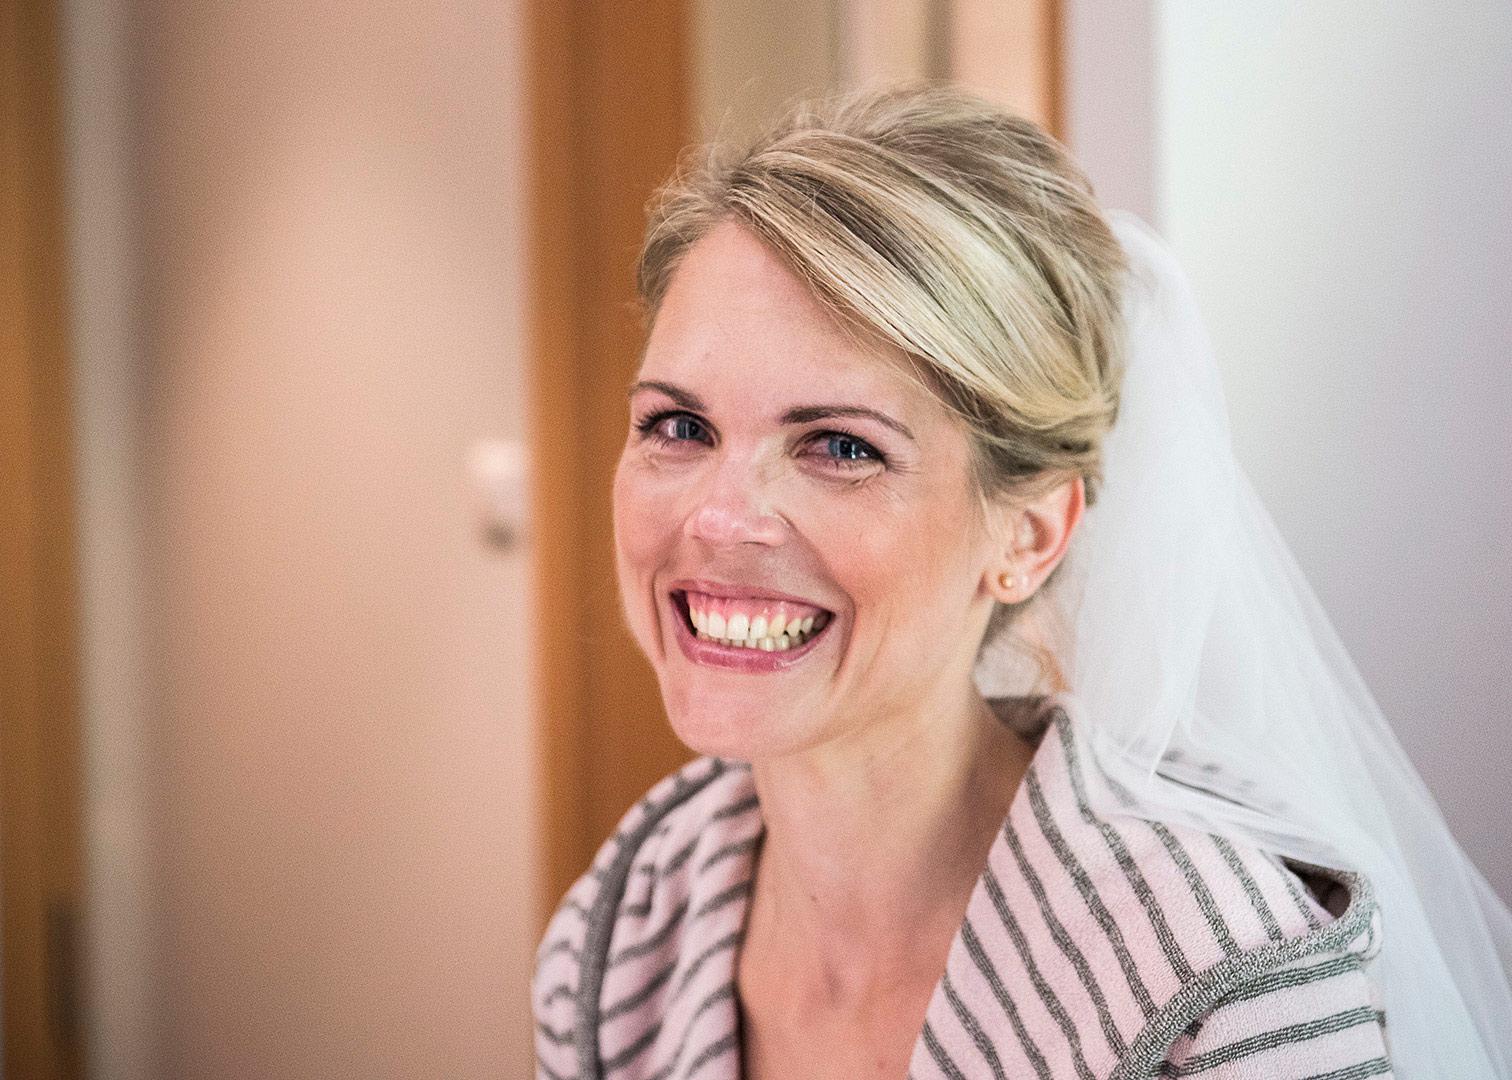 hochzeitskleid, getting ready, hochzeitsreportage, hochzeitsfotograf berlin, heiraten in bad belzig, hochzeit springbachmühle